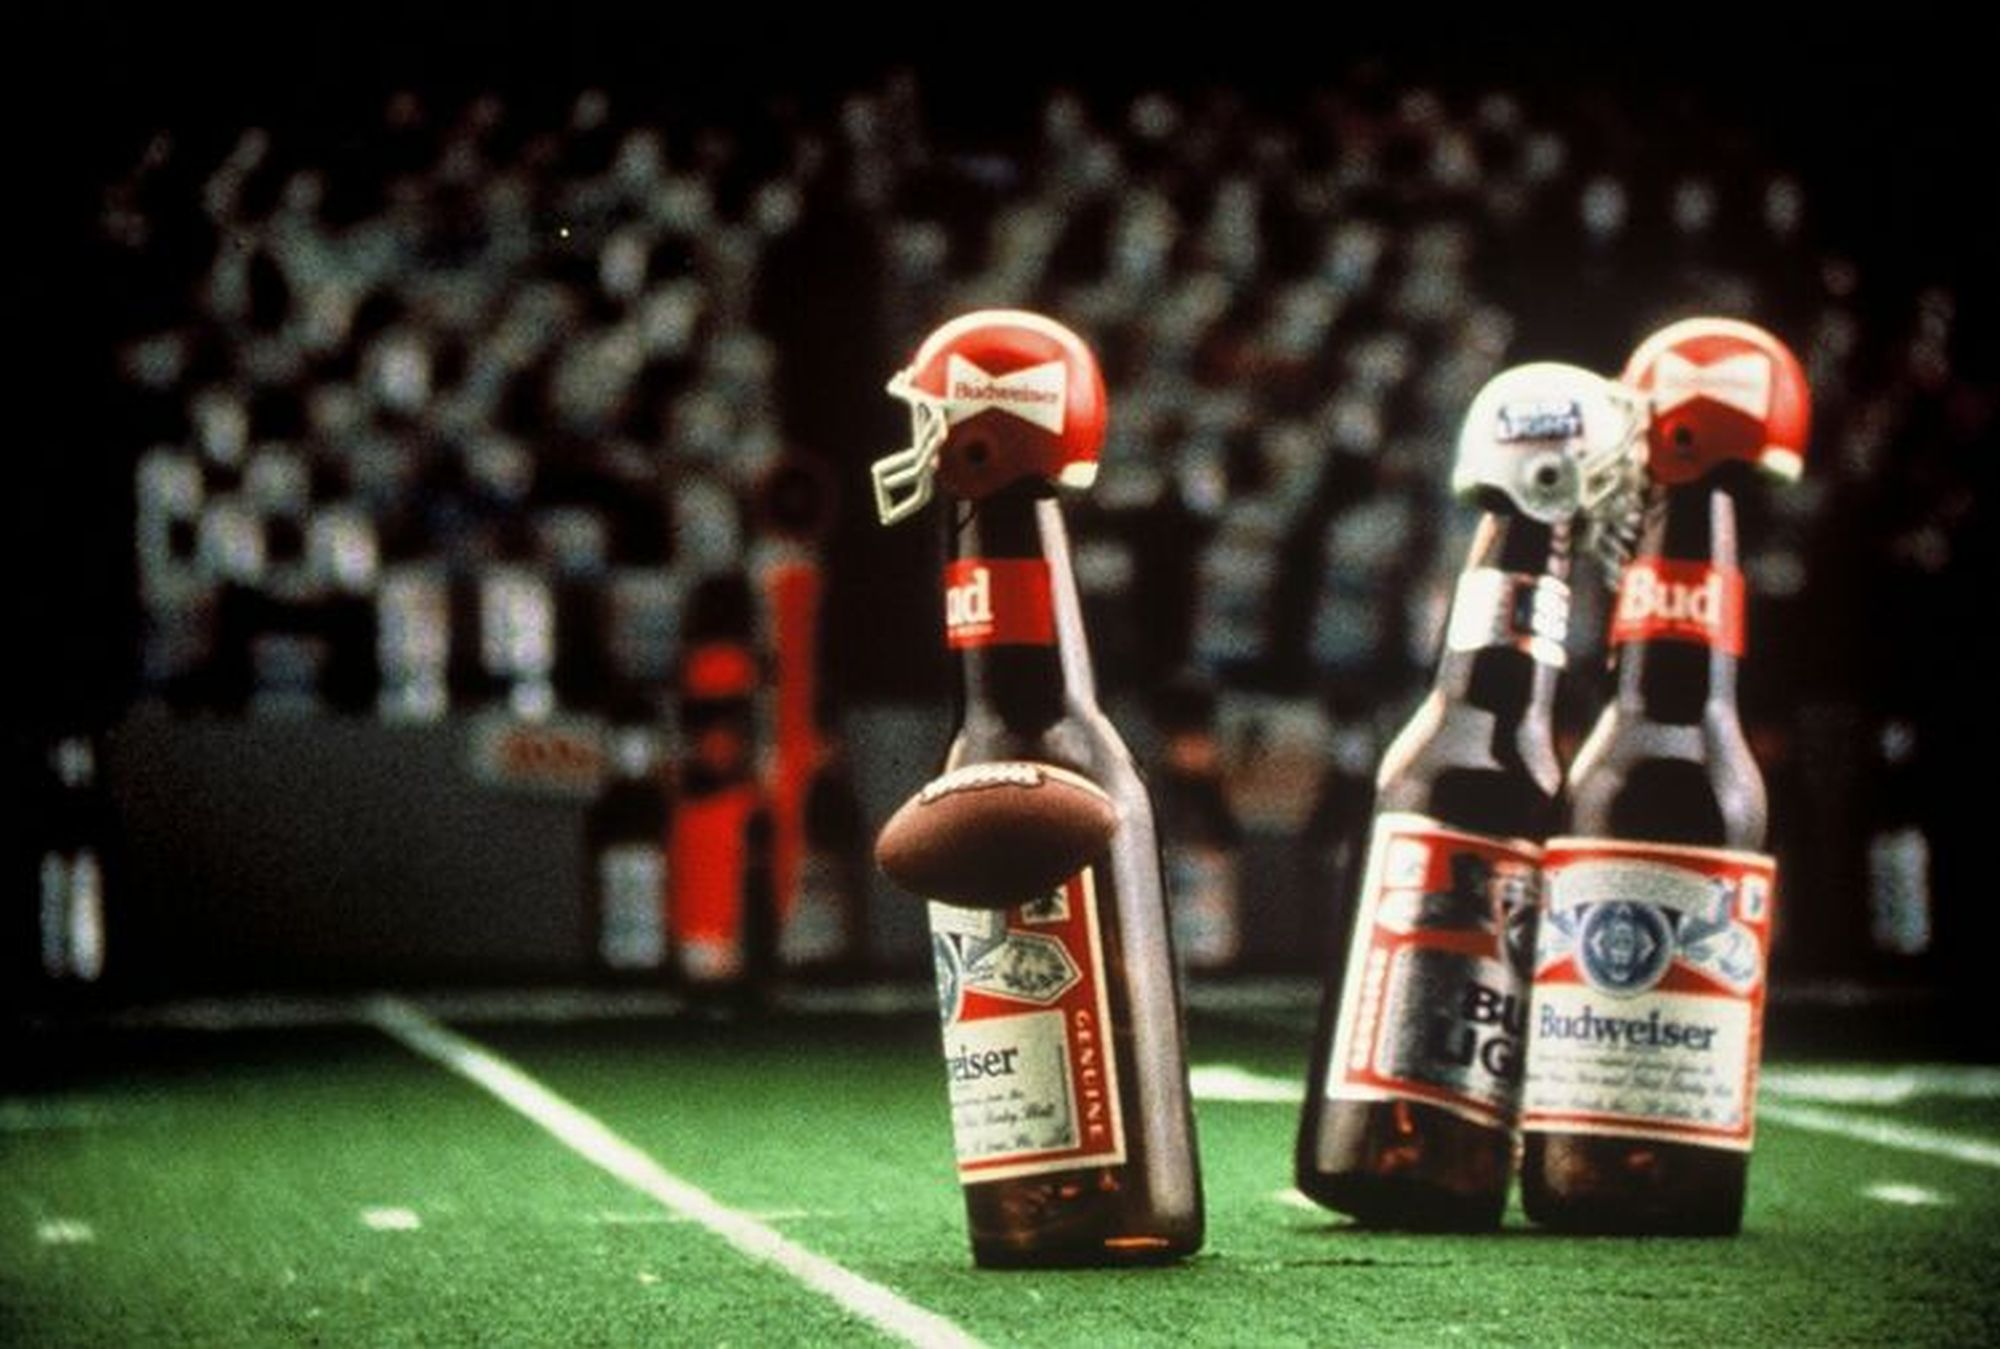 Super Bowl bez Budweisera